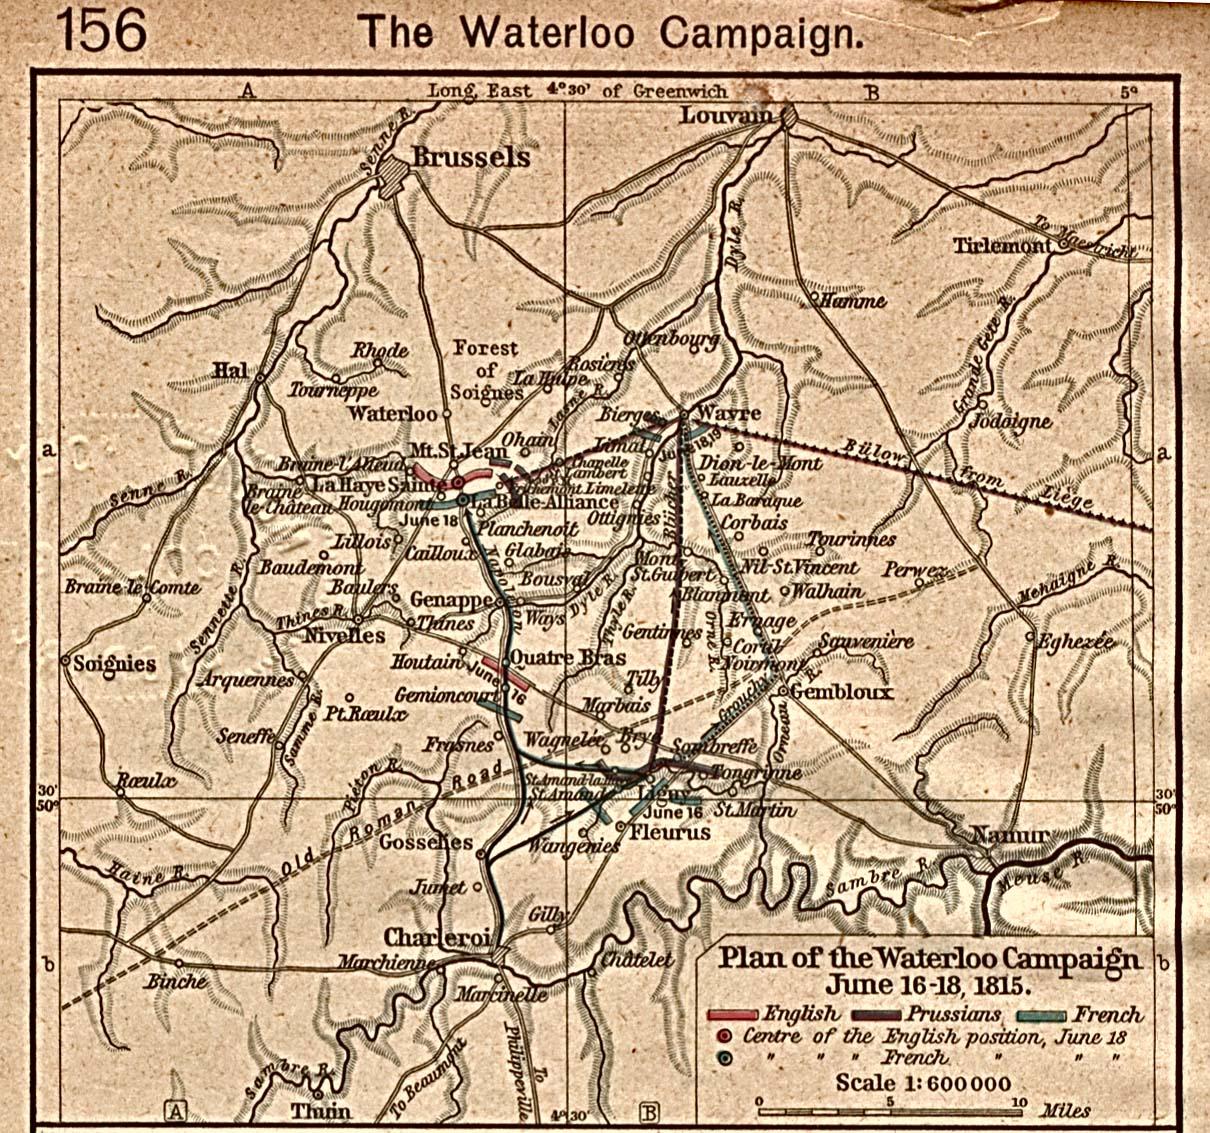 Mapa de la Campaña de Waterloo, 16 - 18 Junio, 1815